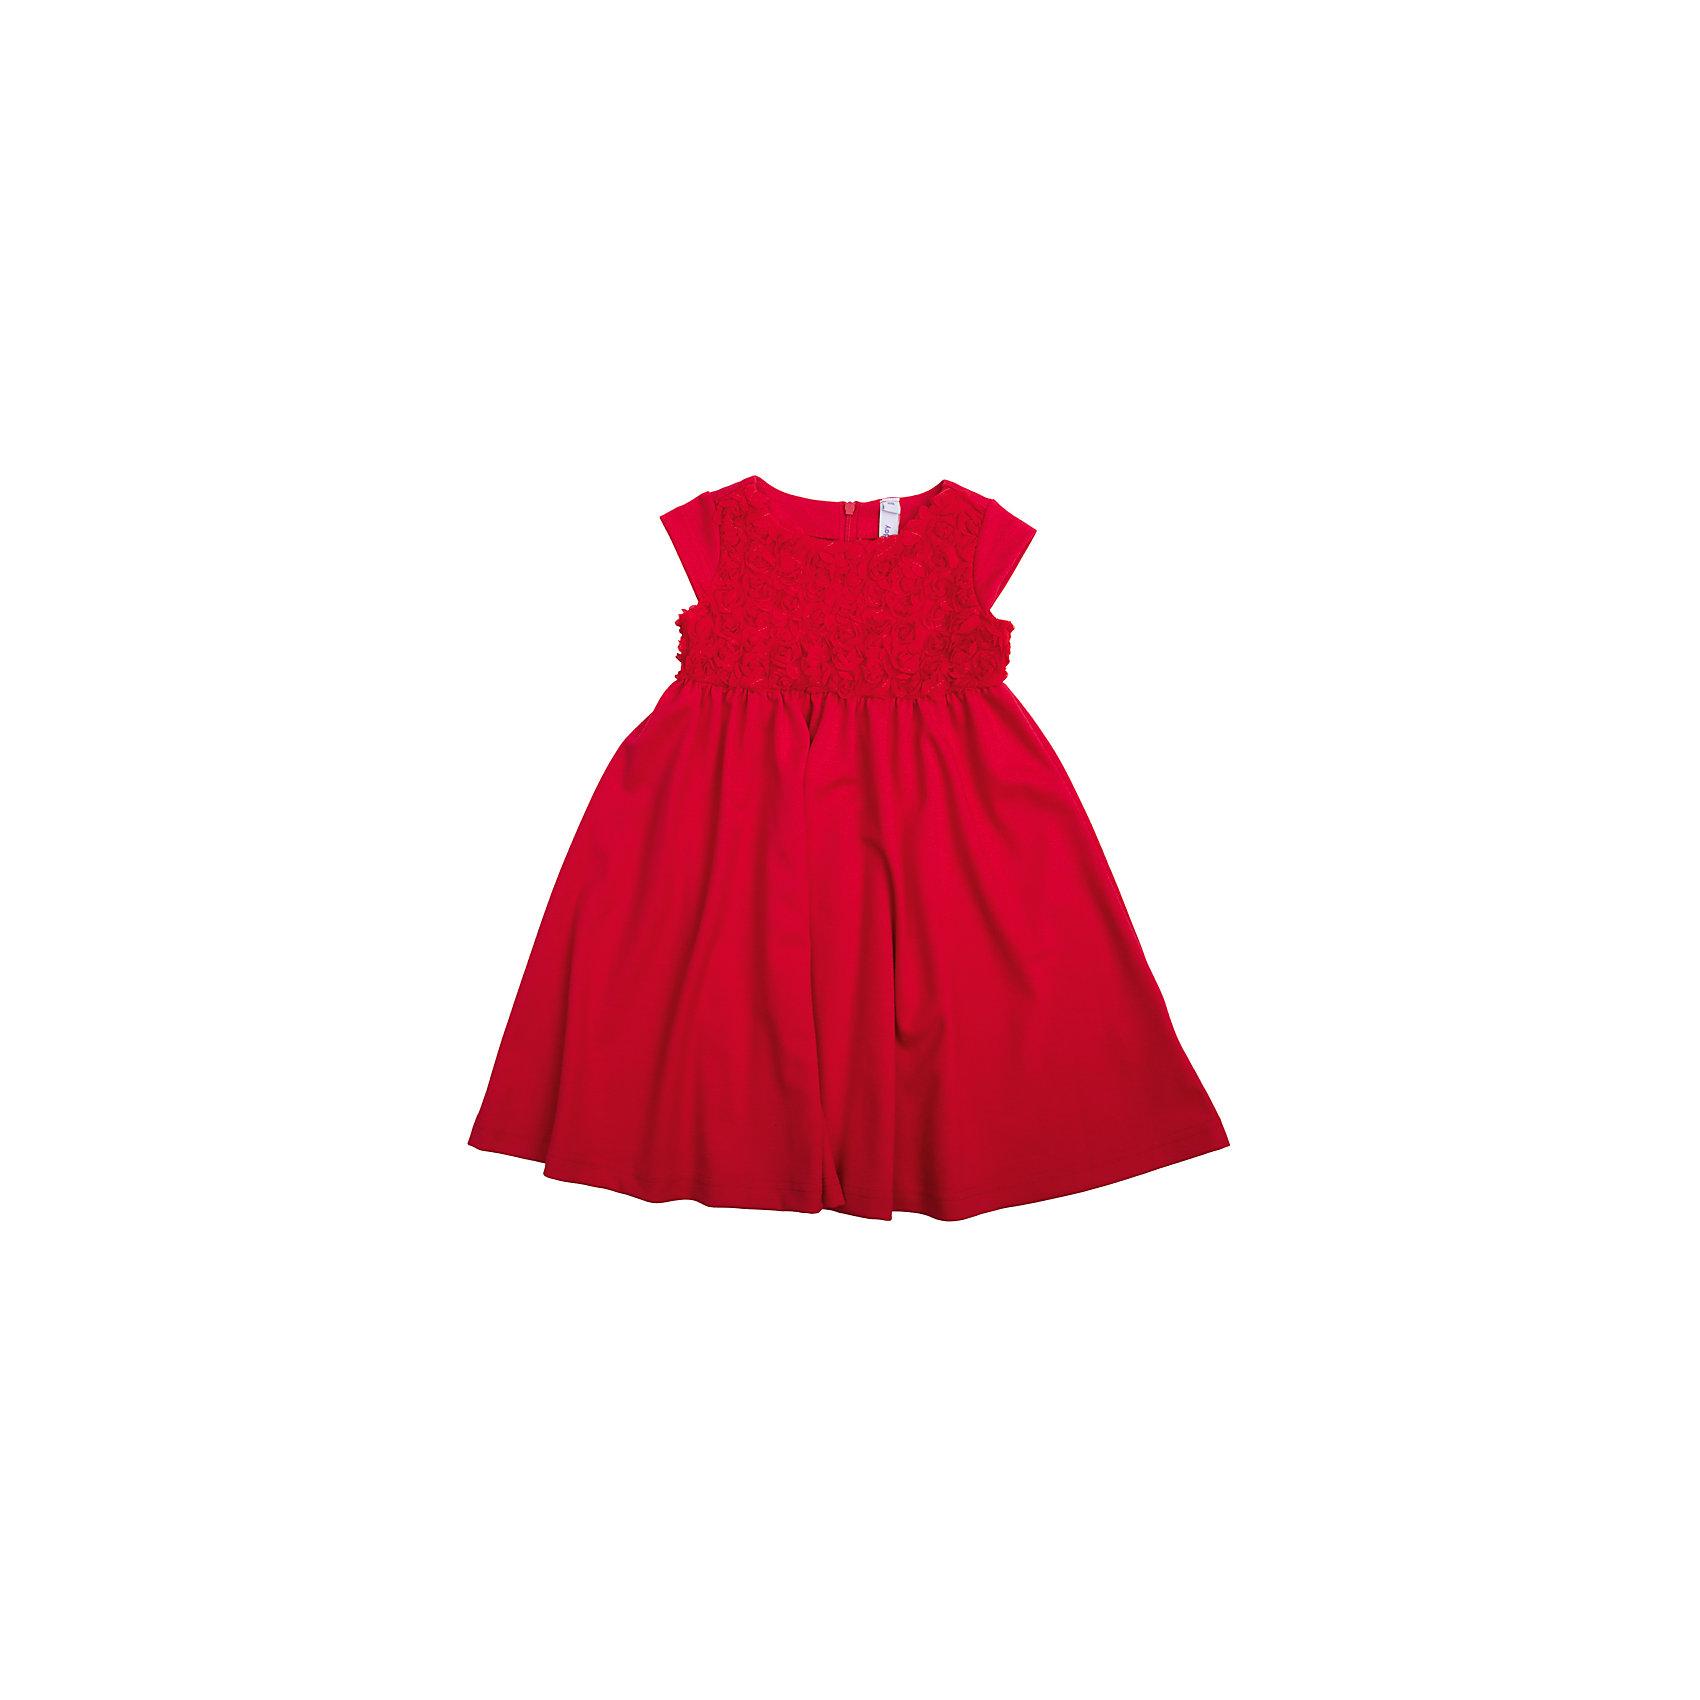 Нарядное платье для девочки PlayTodayОдежда<br>Платье для девочки от известного бренда PlayToday.<br>Платье с короткими рукавами.<br><br>Выполнено из легкой вискозы – в нем не будет жарко на празднике. Верх украшен фактурным цветочным узором. Застегивается на молнию на спине.<br>Состав:<br>65% полиэстер, 30% вискоза, 5% эластан<br><br>Ширина мм: 236<br>Глубина мм: 16<br>Высота мм: 184<br>Вес г: 177<br>Цвет: красный<br>Возраст от месяцев: 72<br>Возраст до месяцев: 84<br>Пол: Женский<br>Возраст: Детский<br>Размер: 122,104,128,110,116,98<br>SKU: 5113862